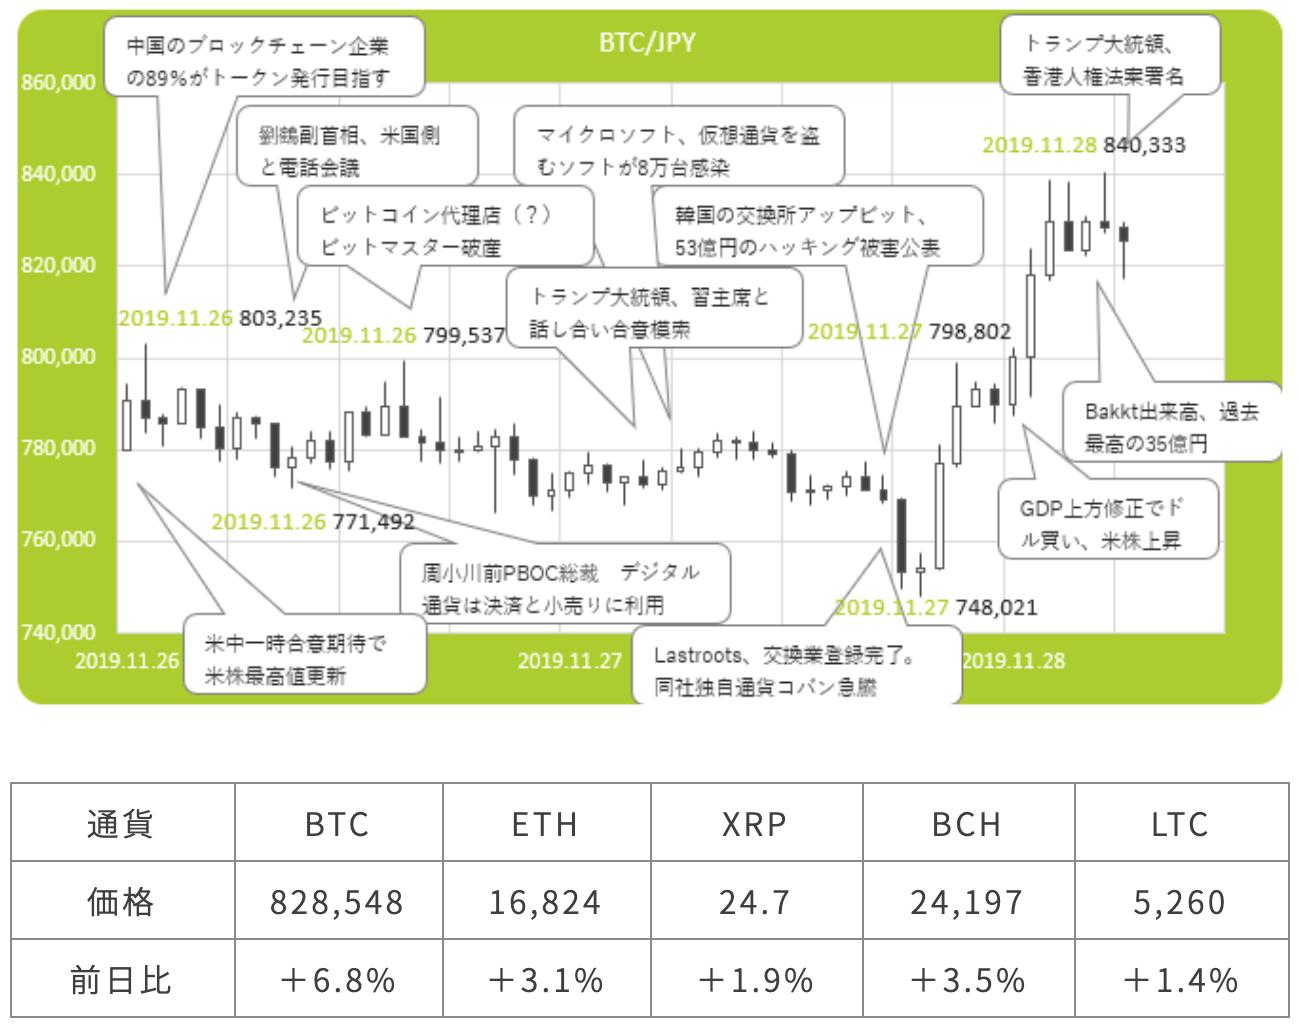 仮想通貨市況